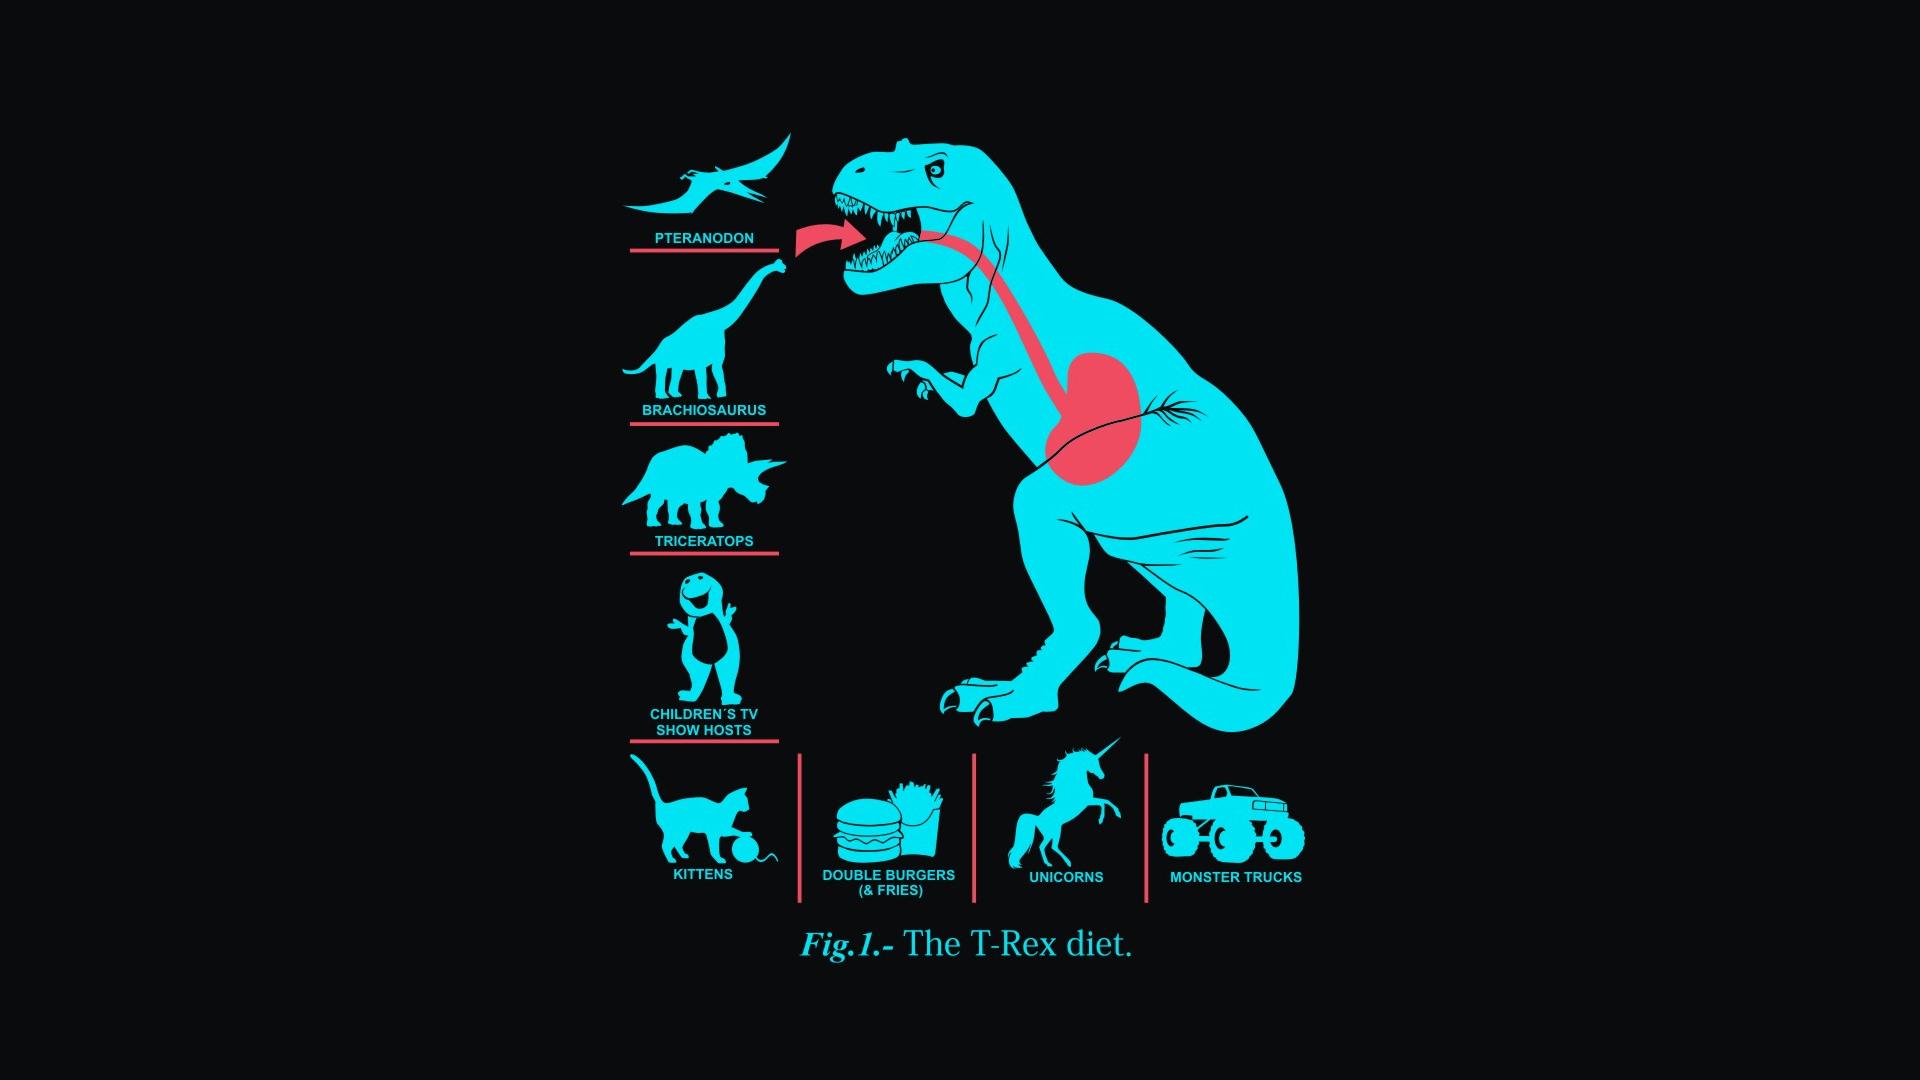 Rex Diet wallpaper   1135755 1920x1080